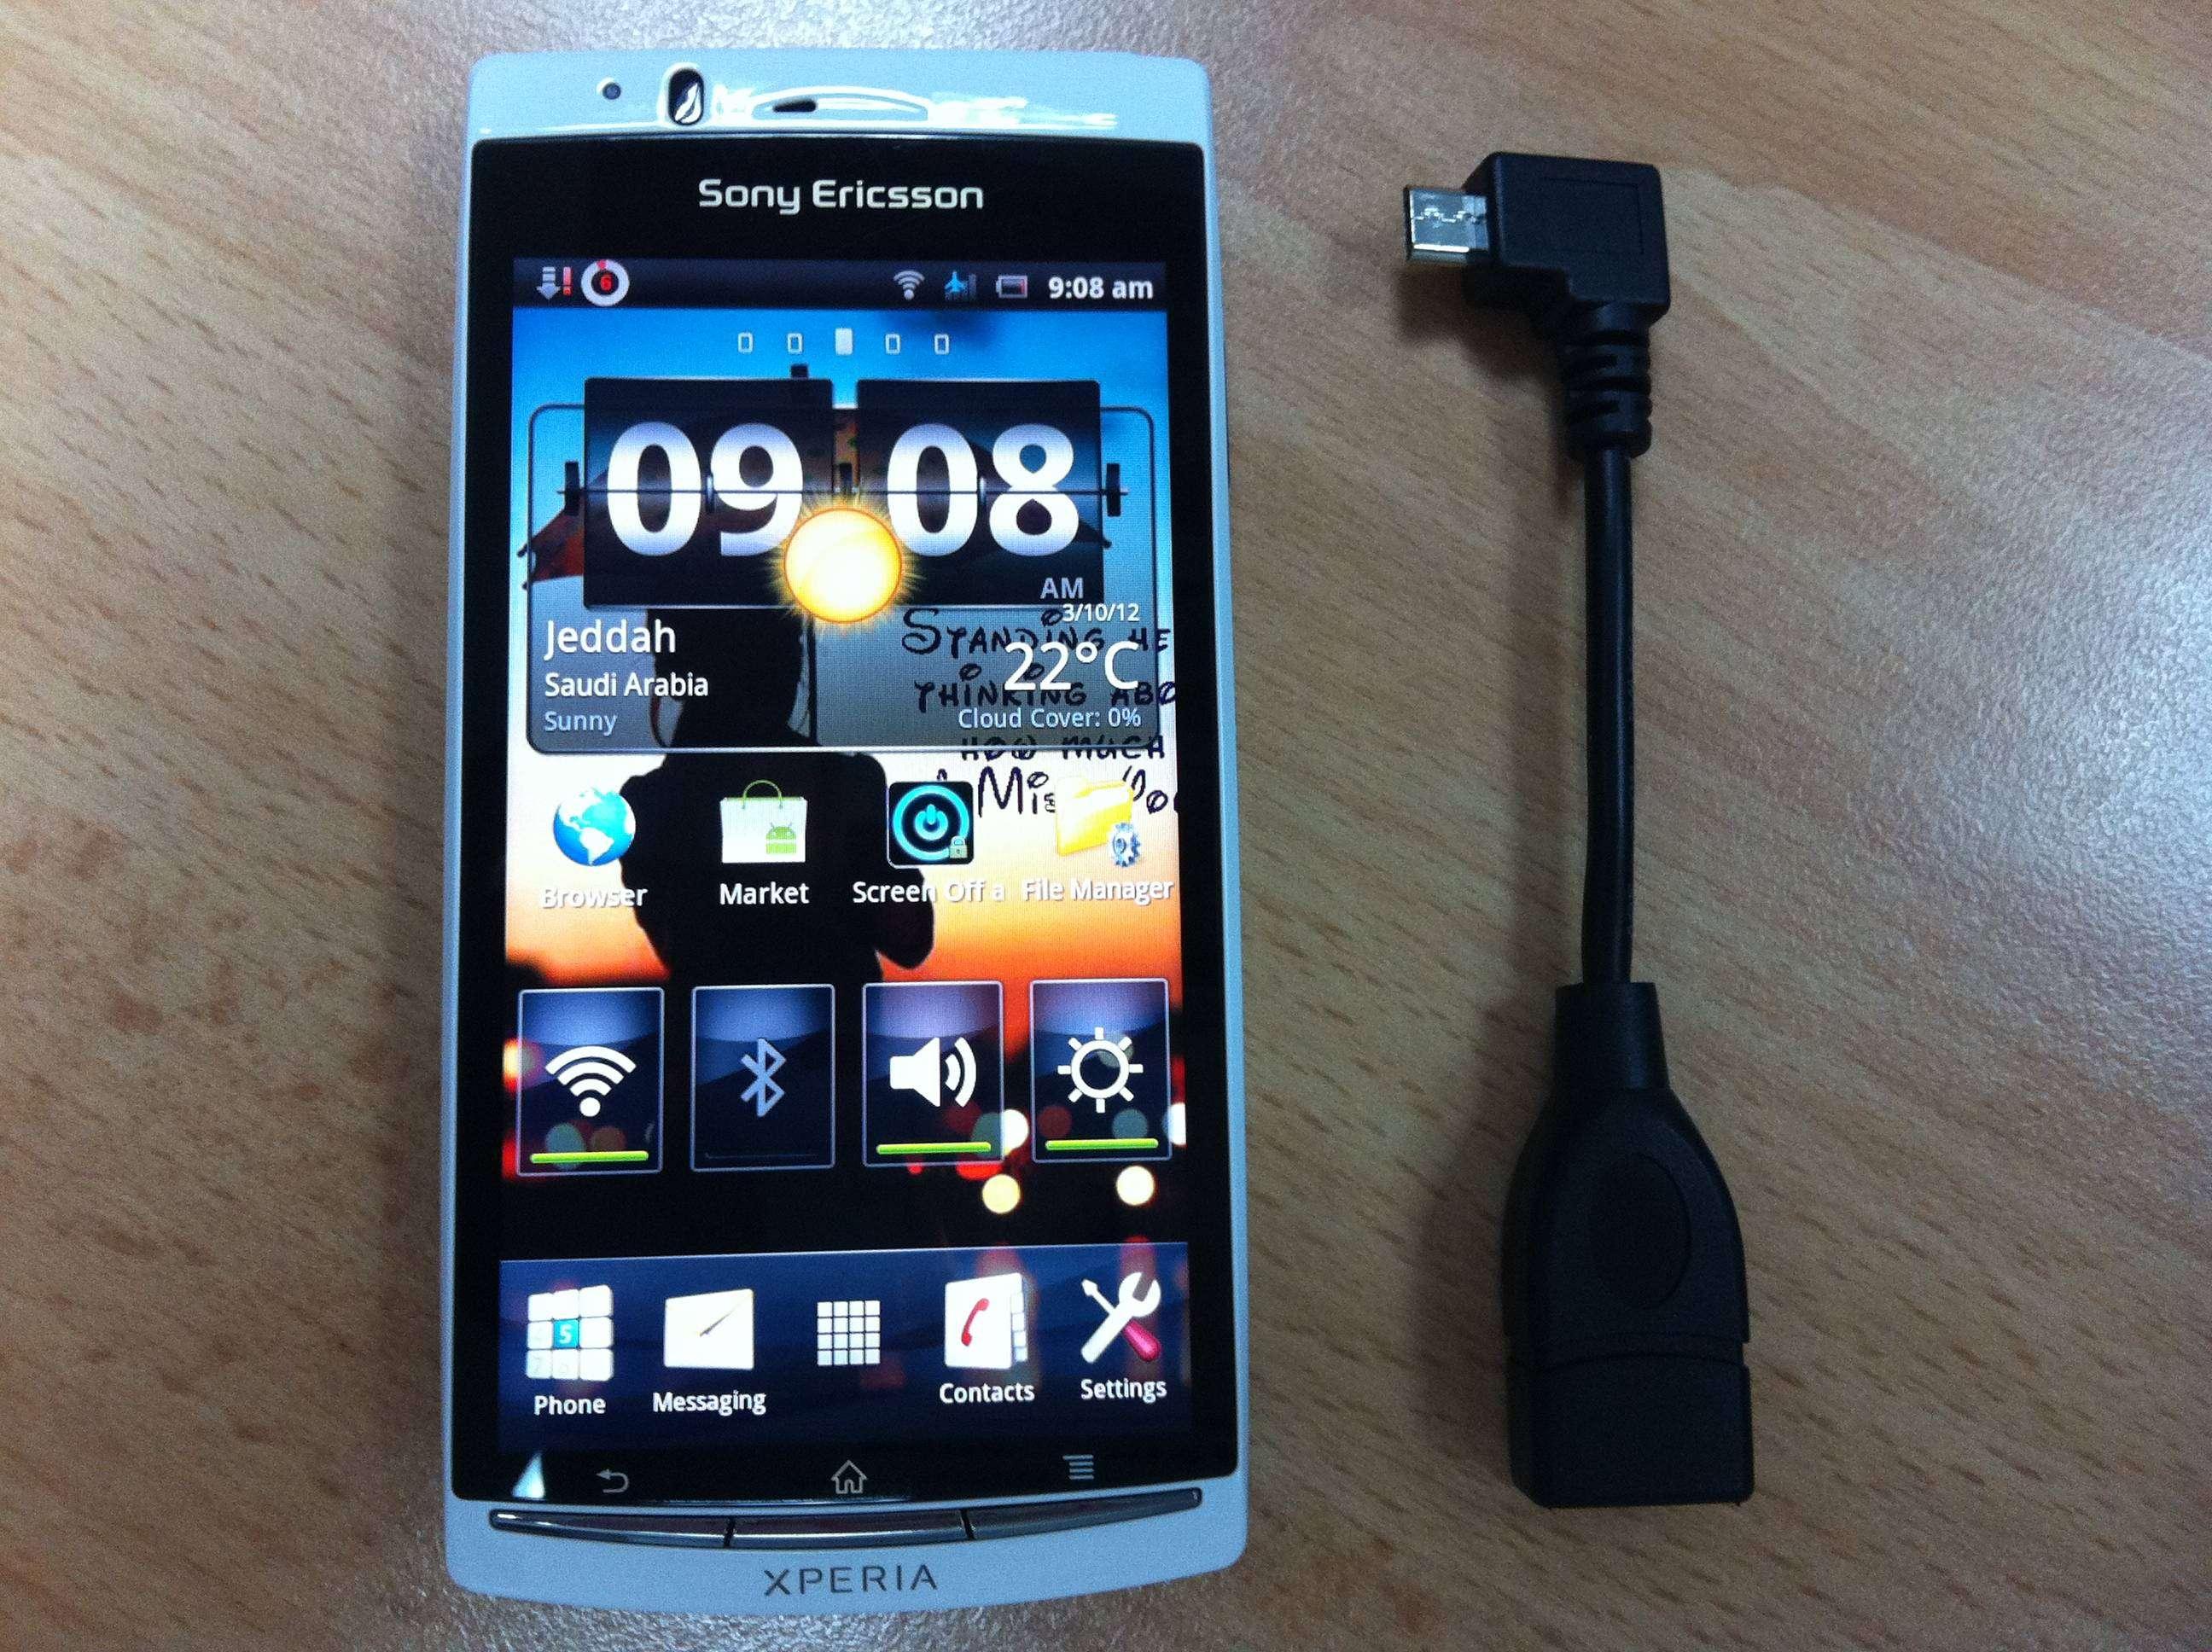 للبيع سوني اريكسون ارك اس ابيض Sony Ericsson Arc S